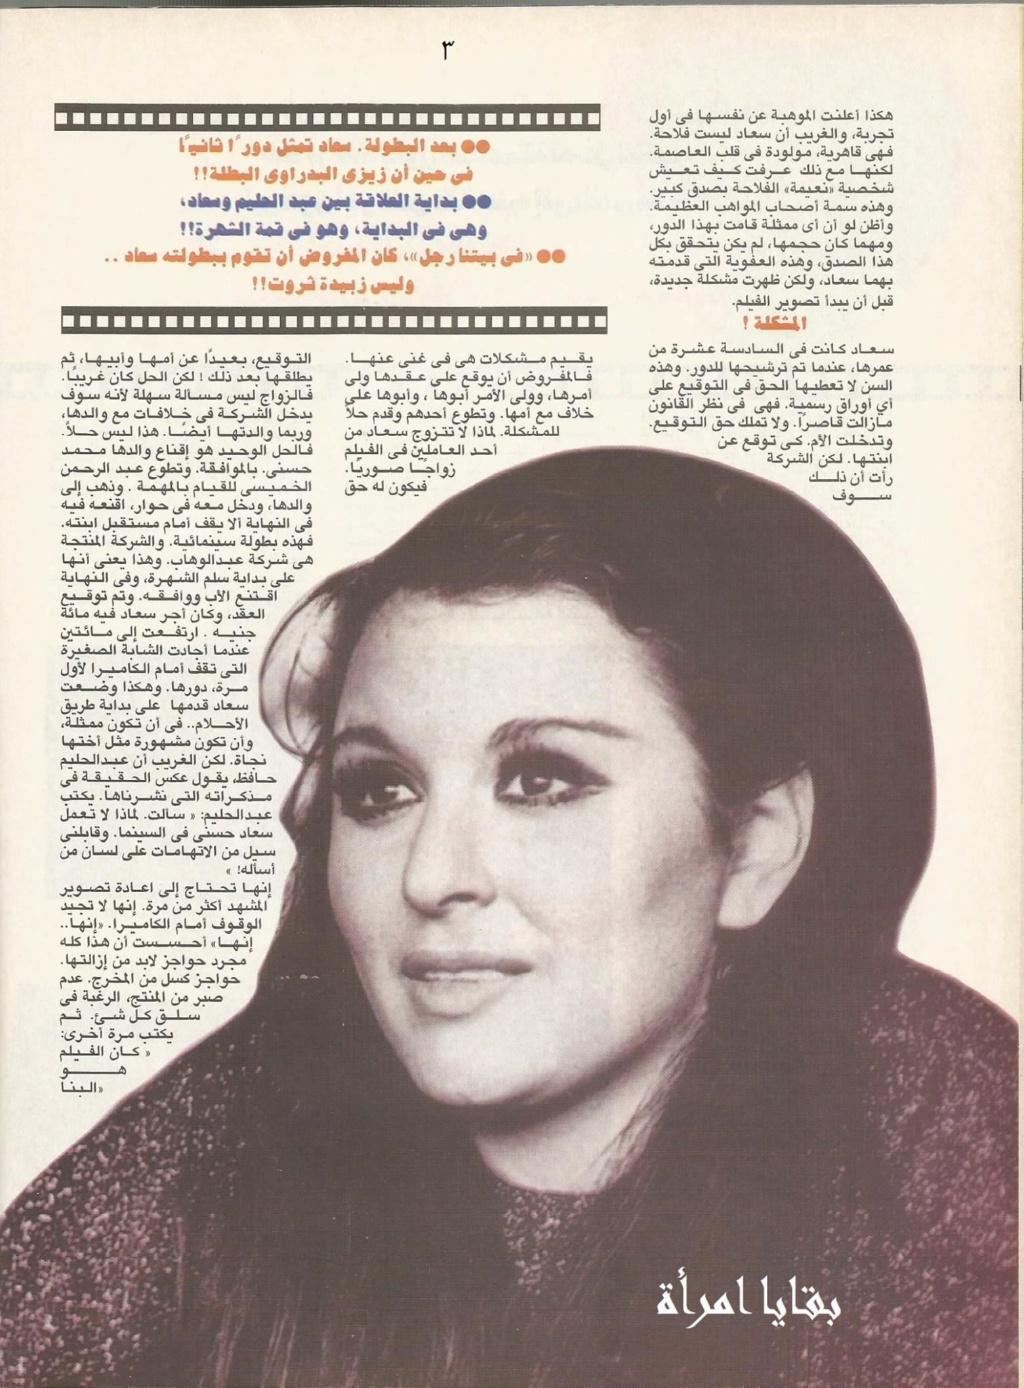 مقال - مقال صحفي : سعاد تتزوج .. حتى تقوم ببطولة حسن ونعيمة !! 2001 م 3152